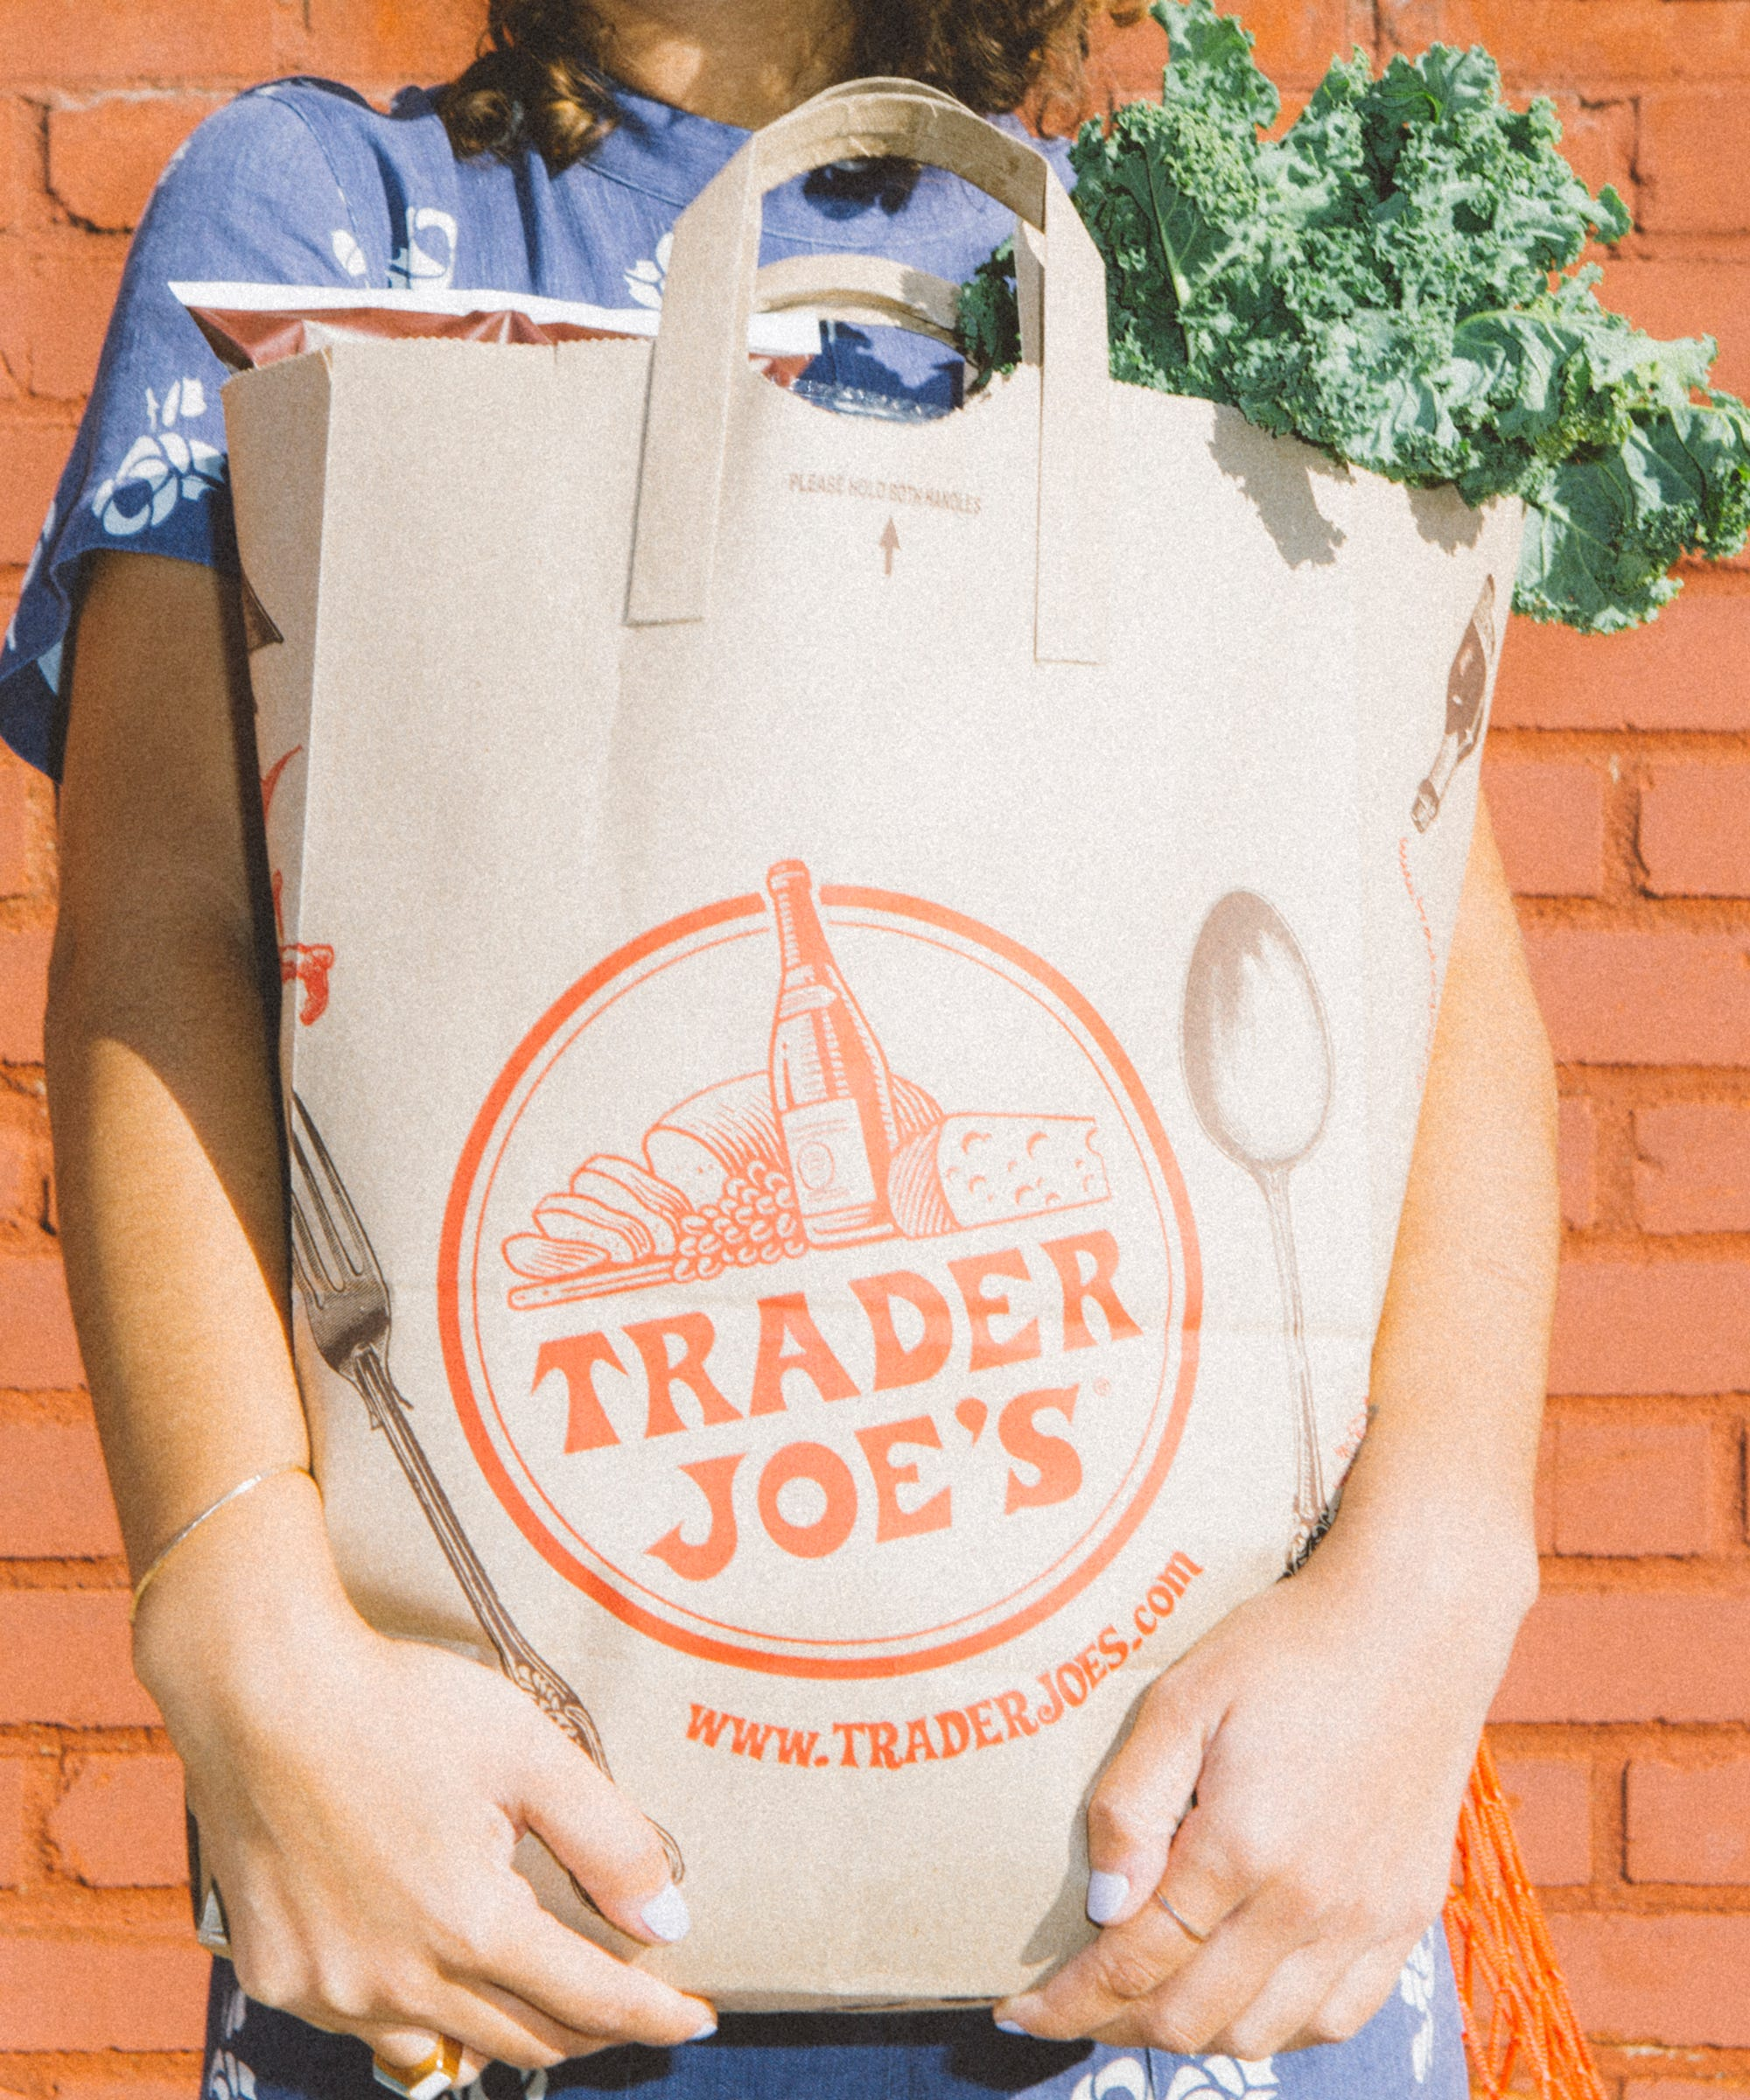 Fullsize Of Trader Joes Flyer